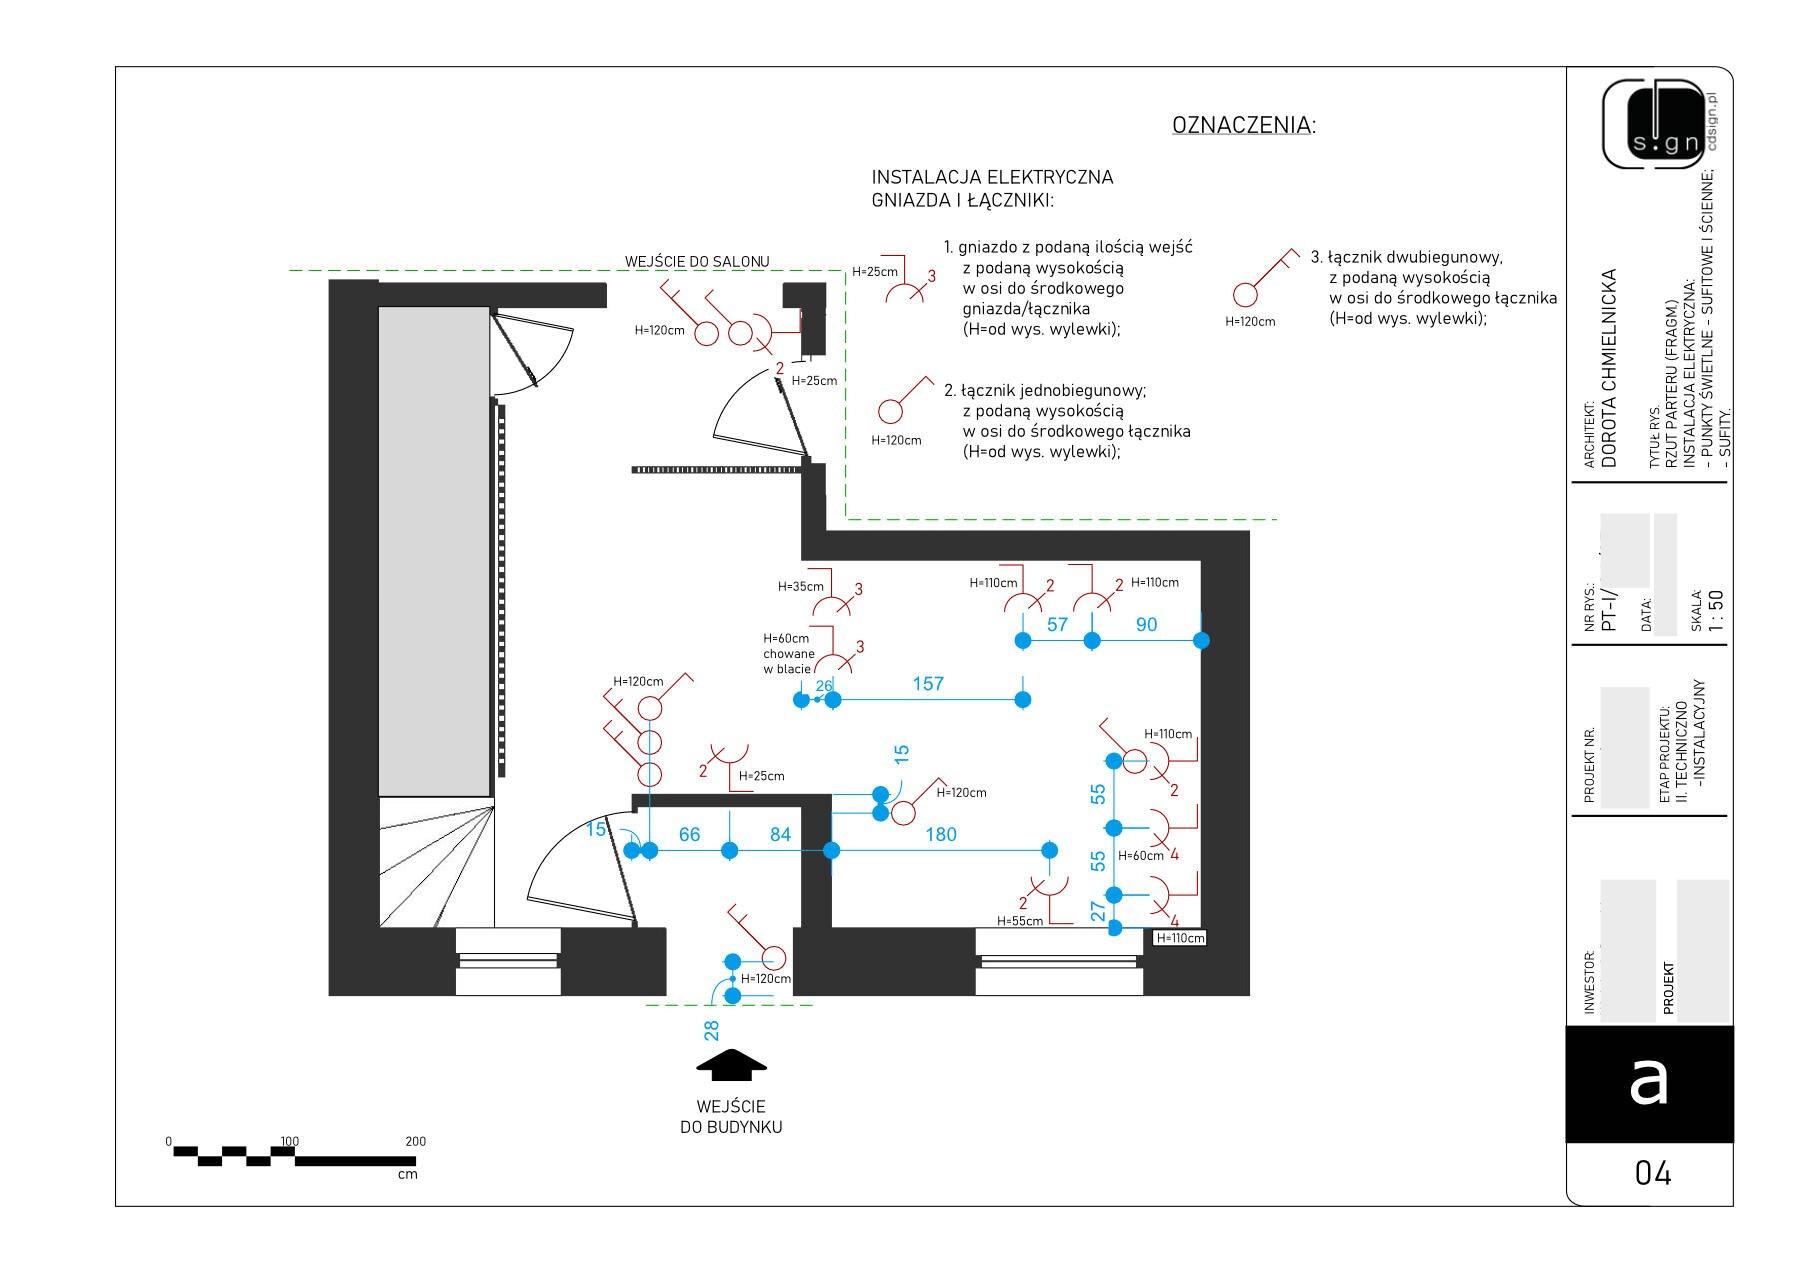 Projekt rozmieszczenia włączników i gniazd instalacji elektrycznej.